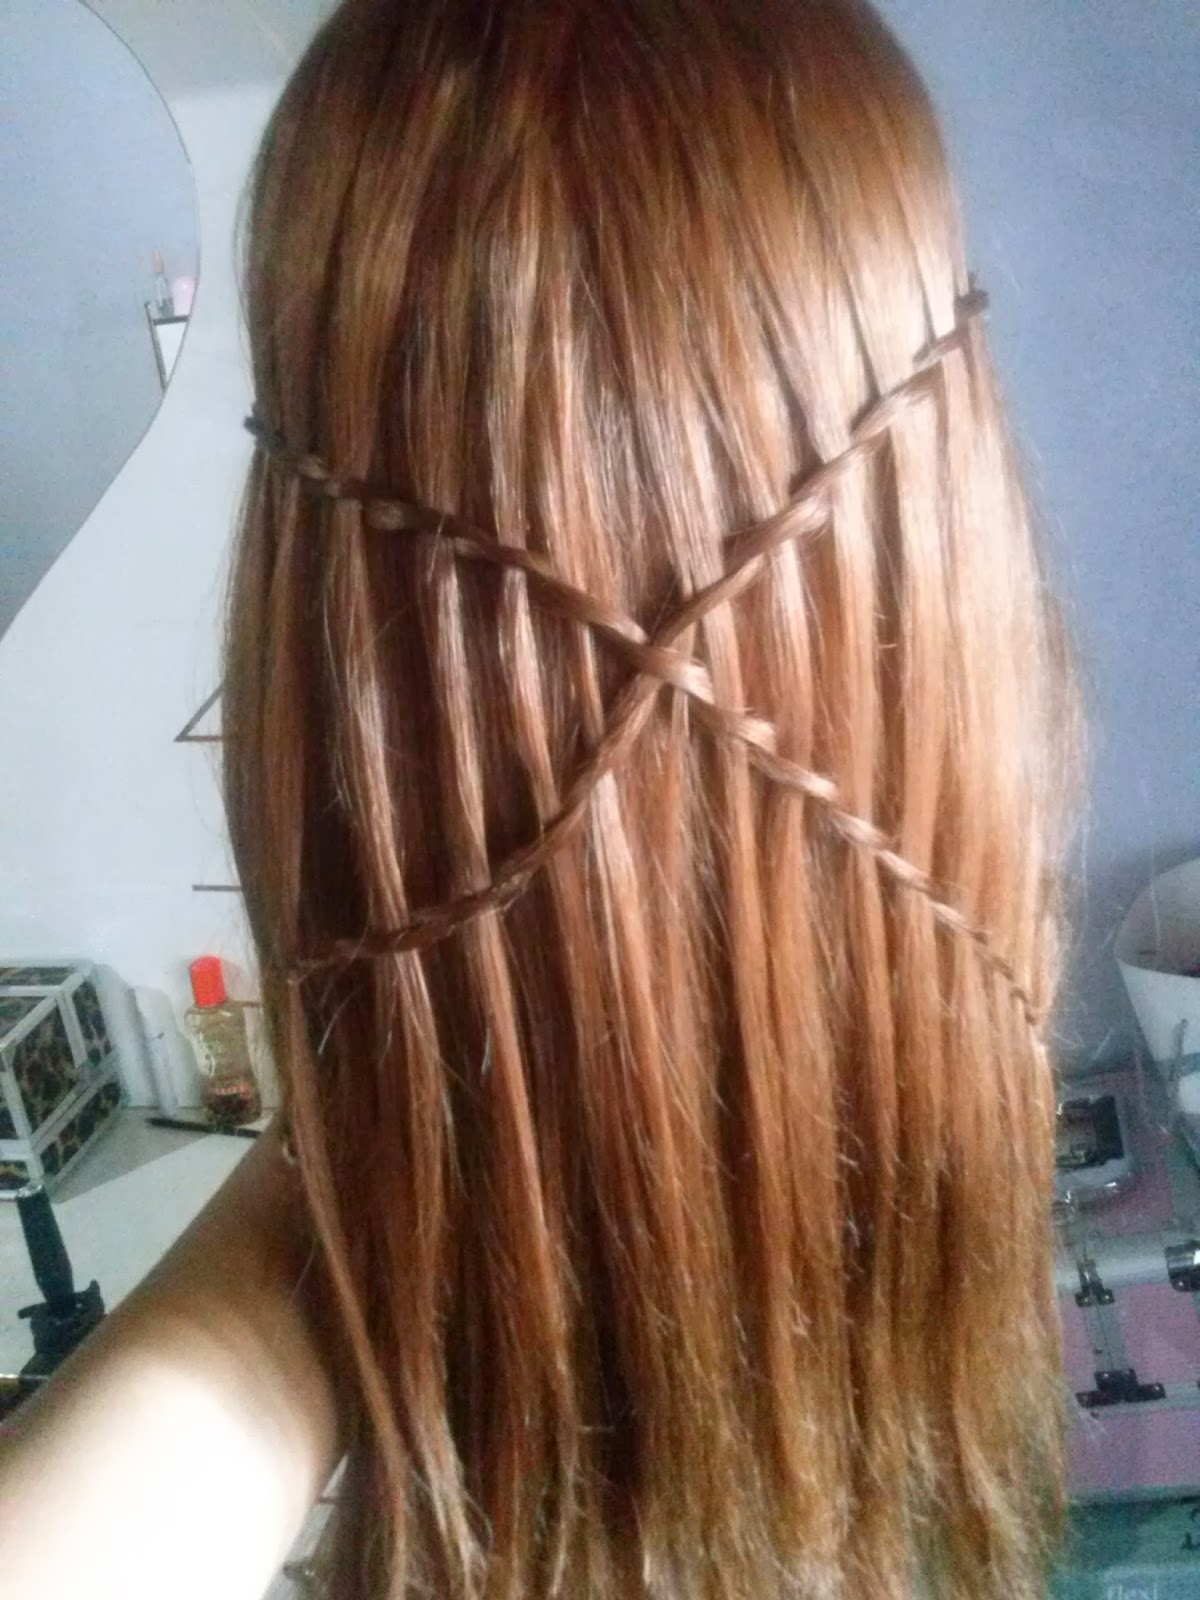 Peinados con trenzas para cabello corto elainacortez - Peinado con trenza ...